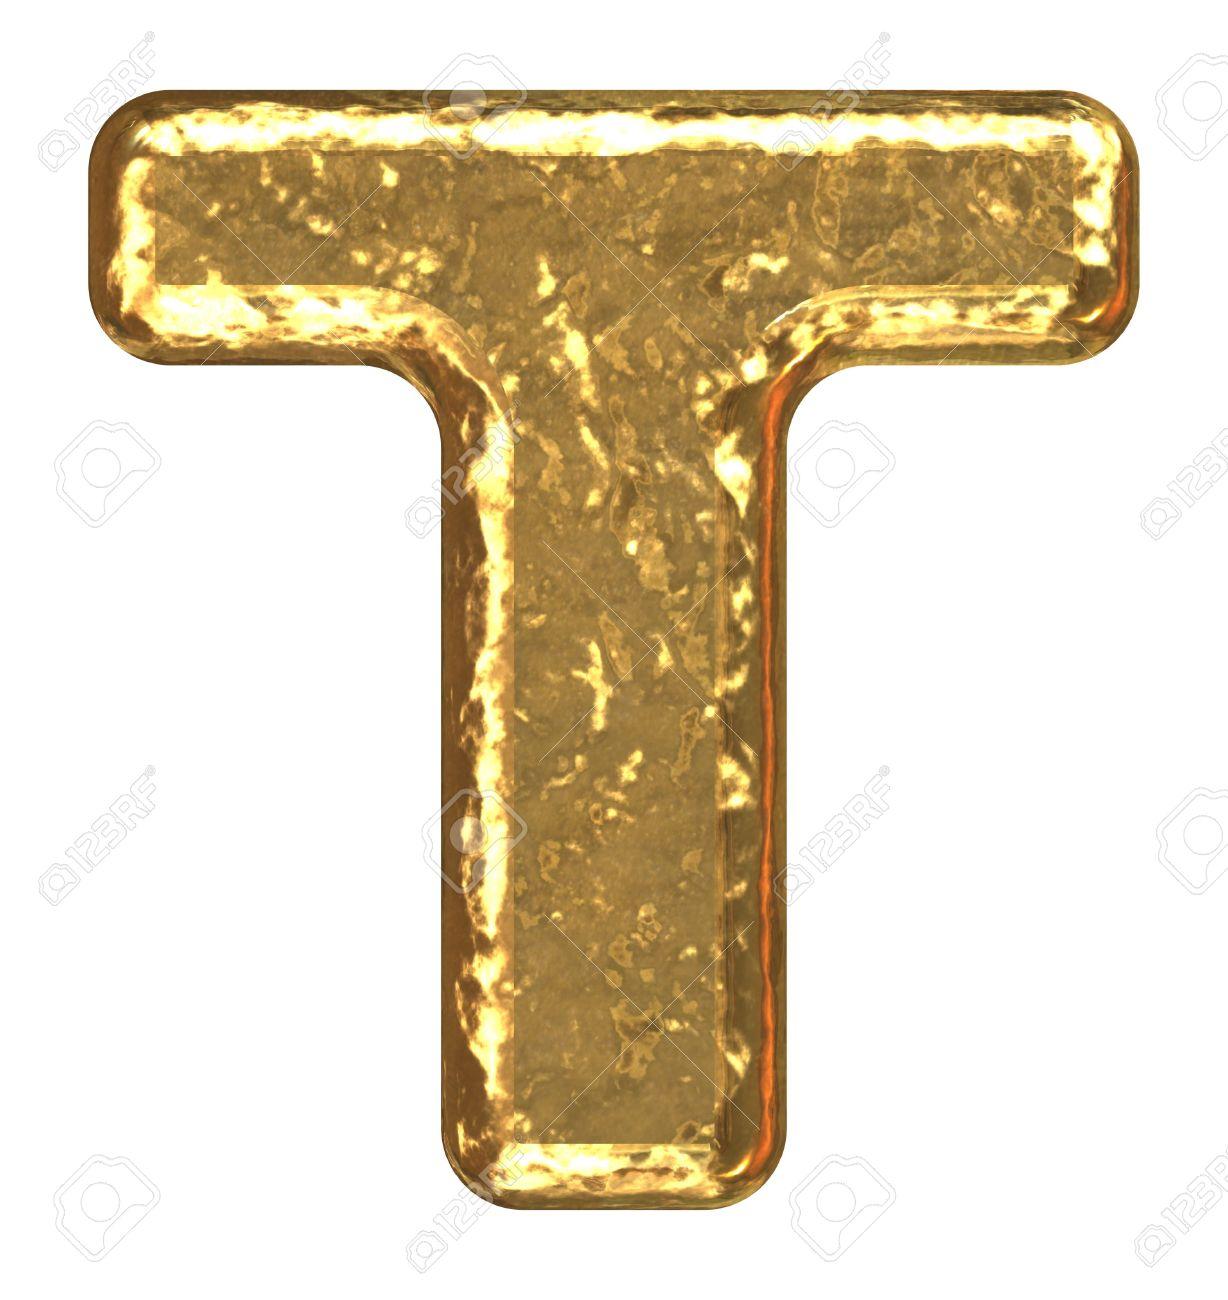 Golden font. Letter T. Stock Photo - 5648669